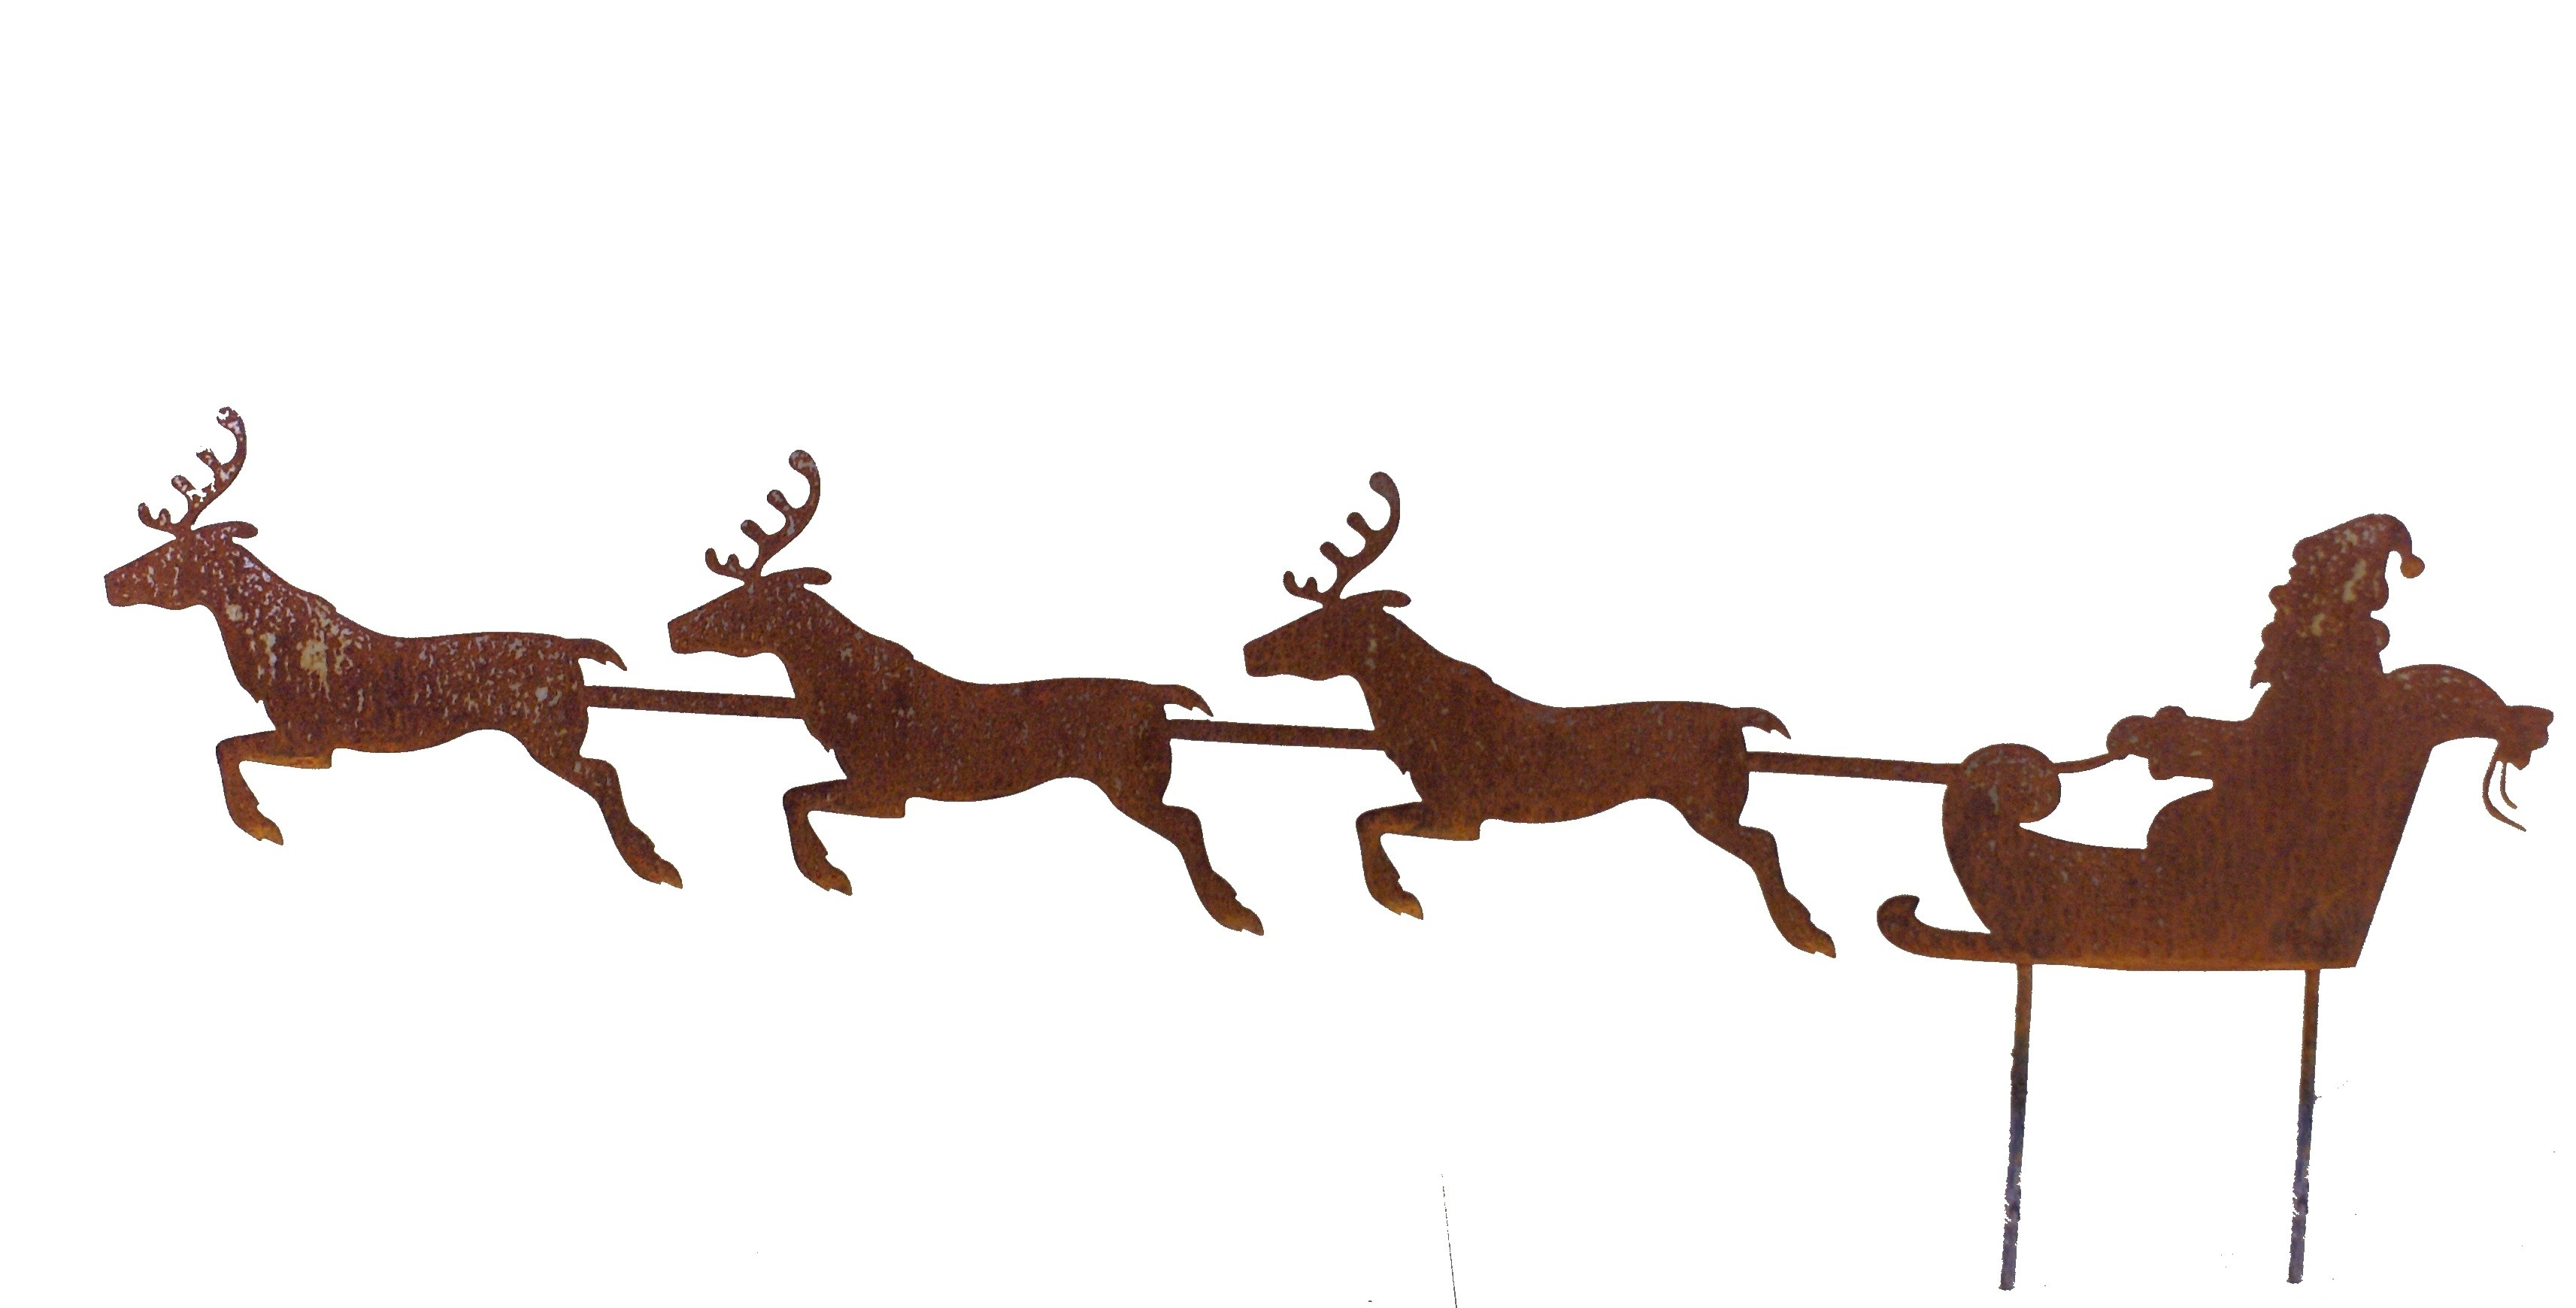 Pére Noel Avec Son Traineau Noel à Image De Traineau Du Pere Noel